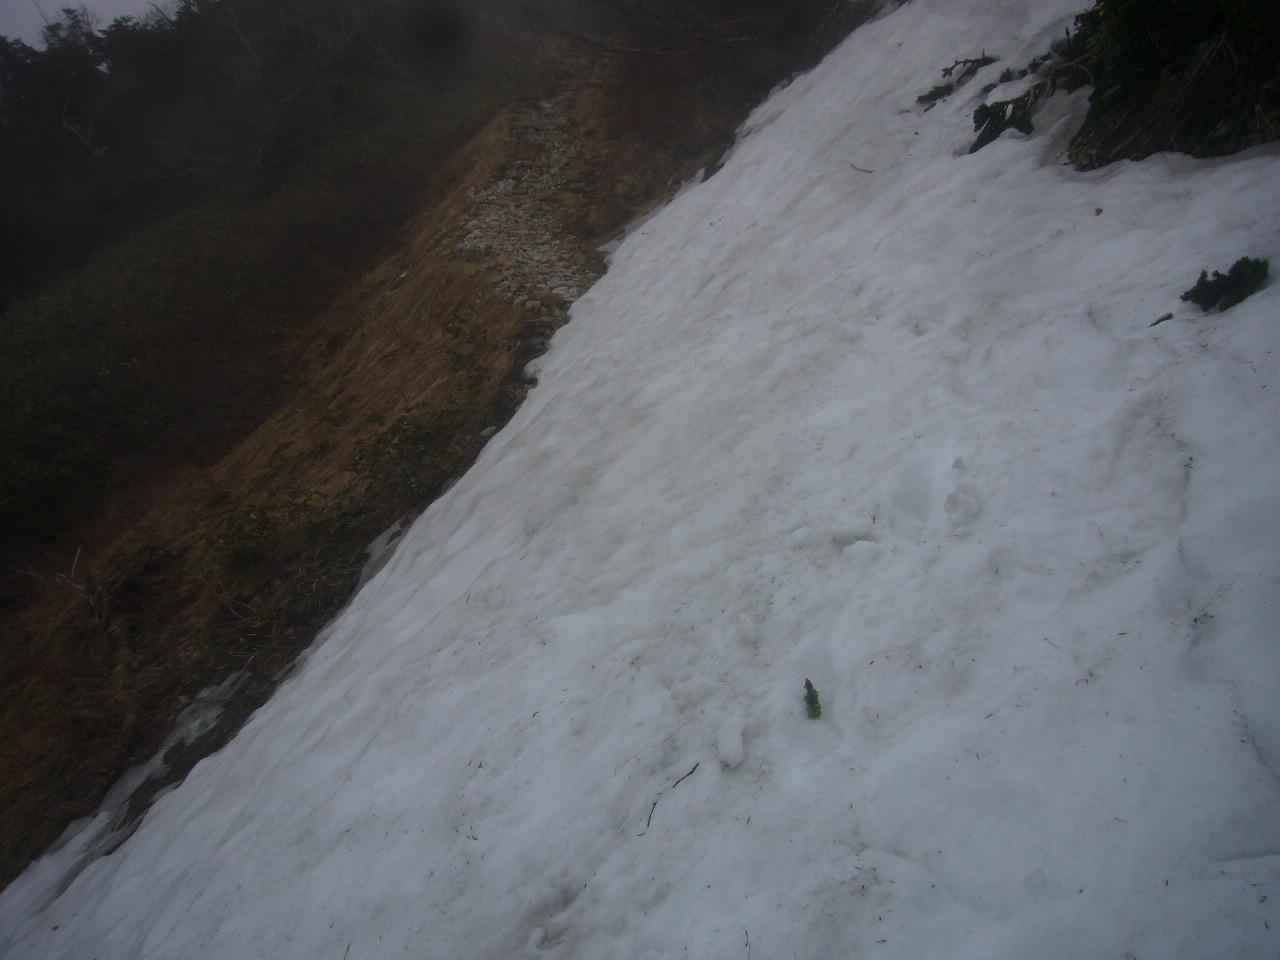 滑ったら谷底へ H28.5.28